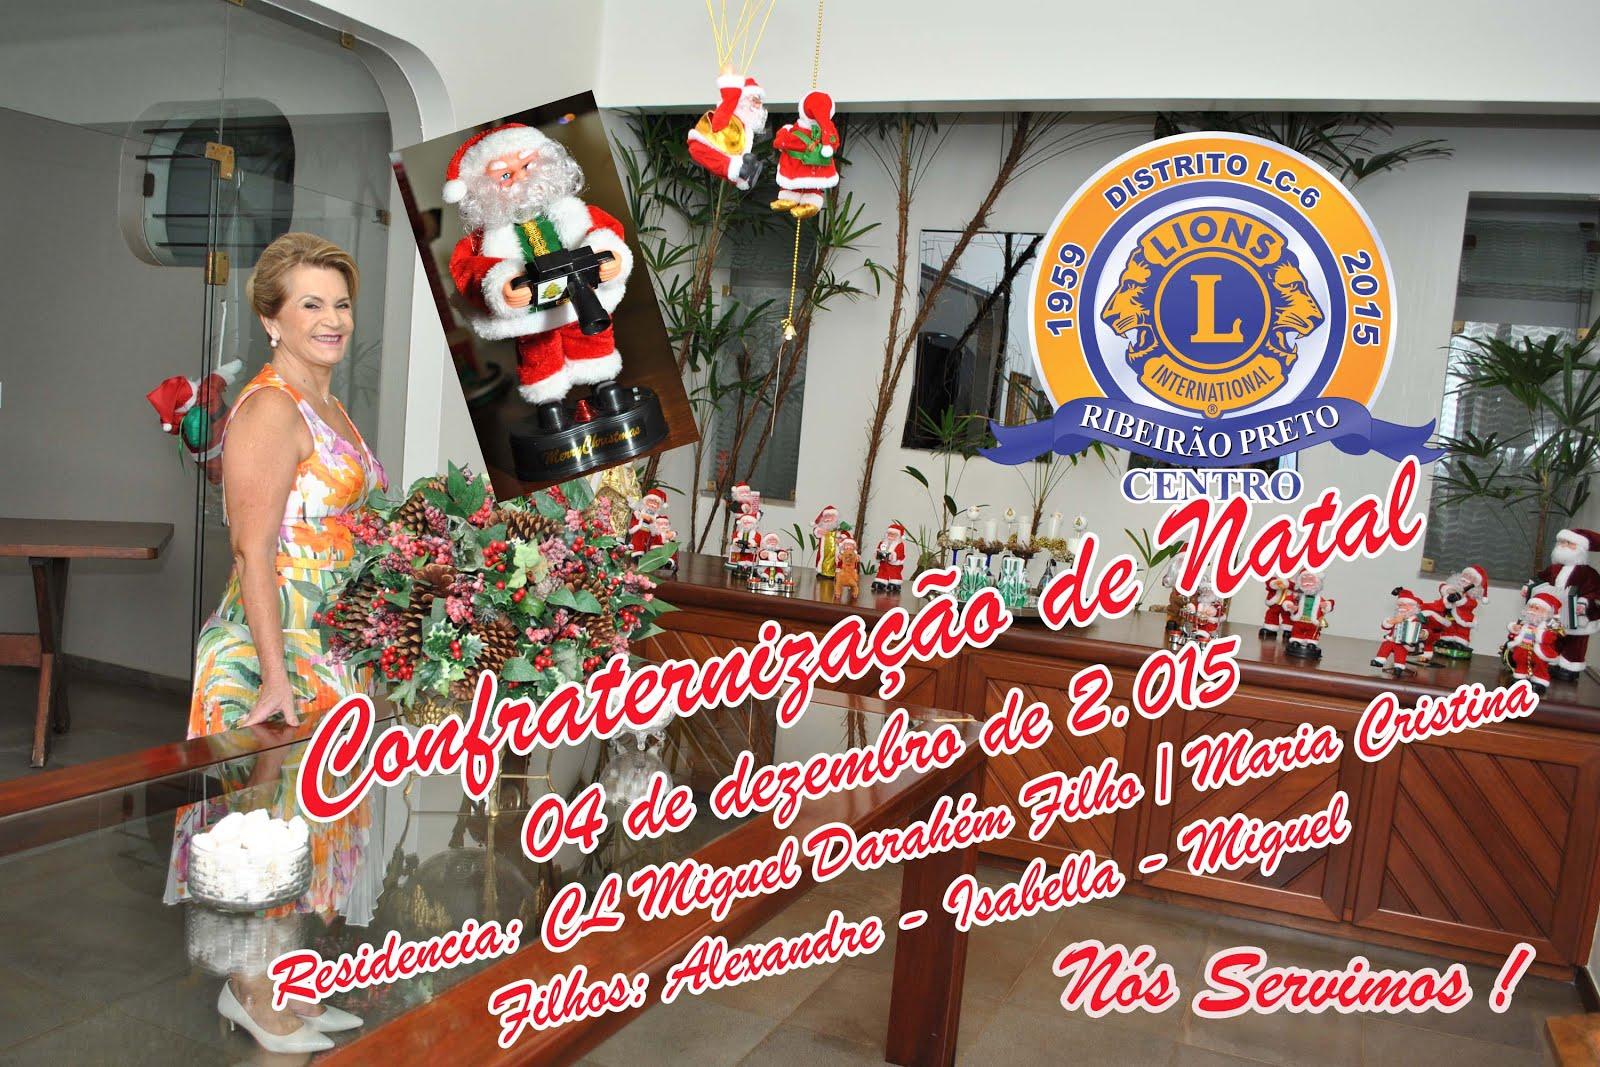 CONFRATERNIZAÇÃO DE NATAL 2015